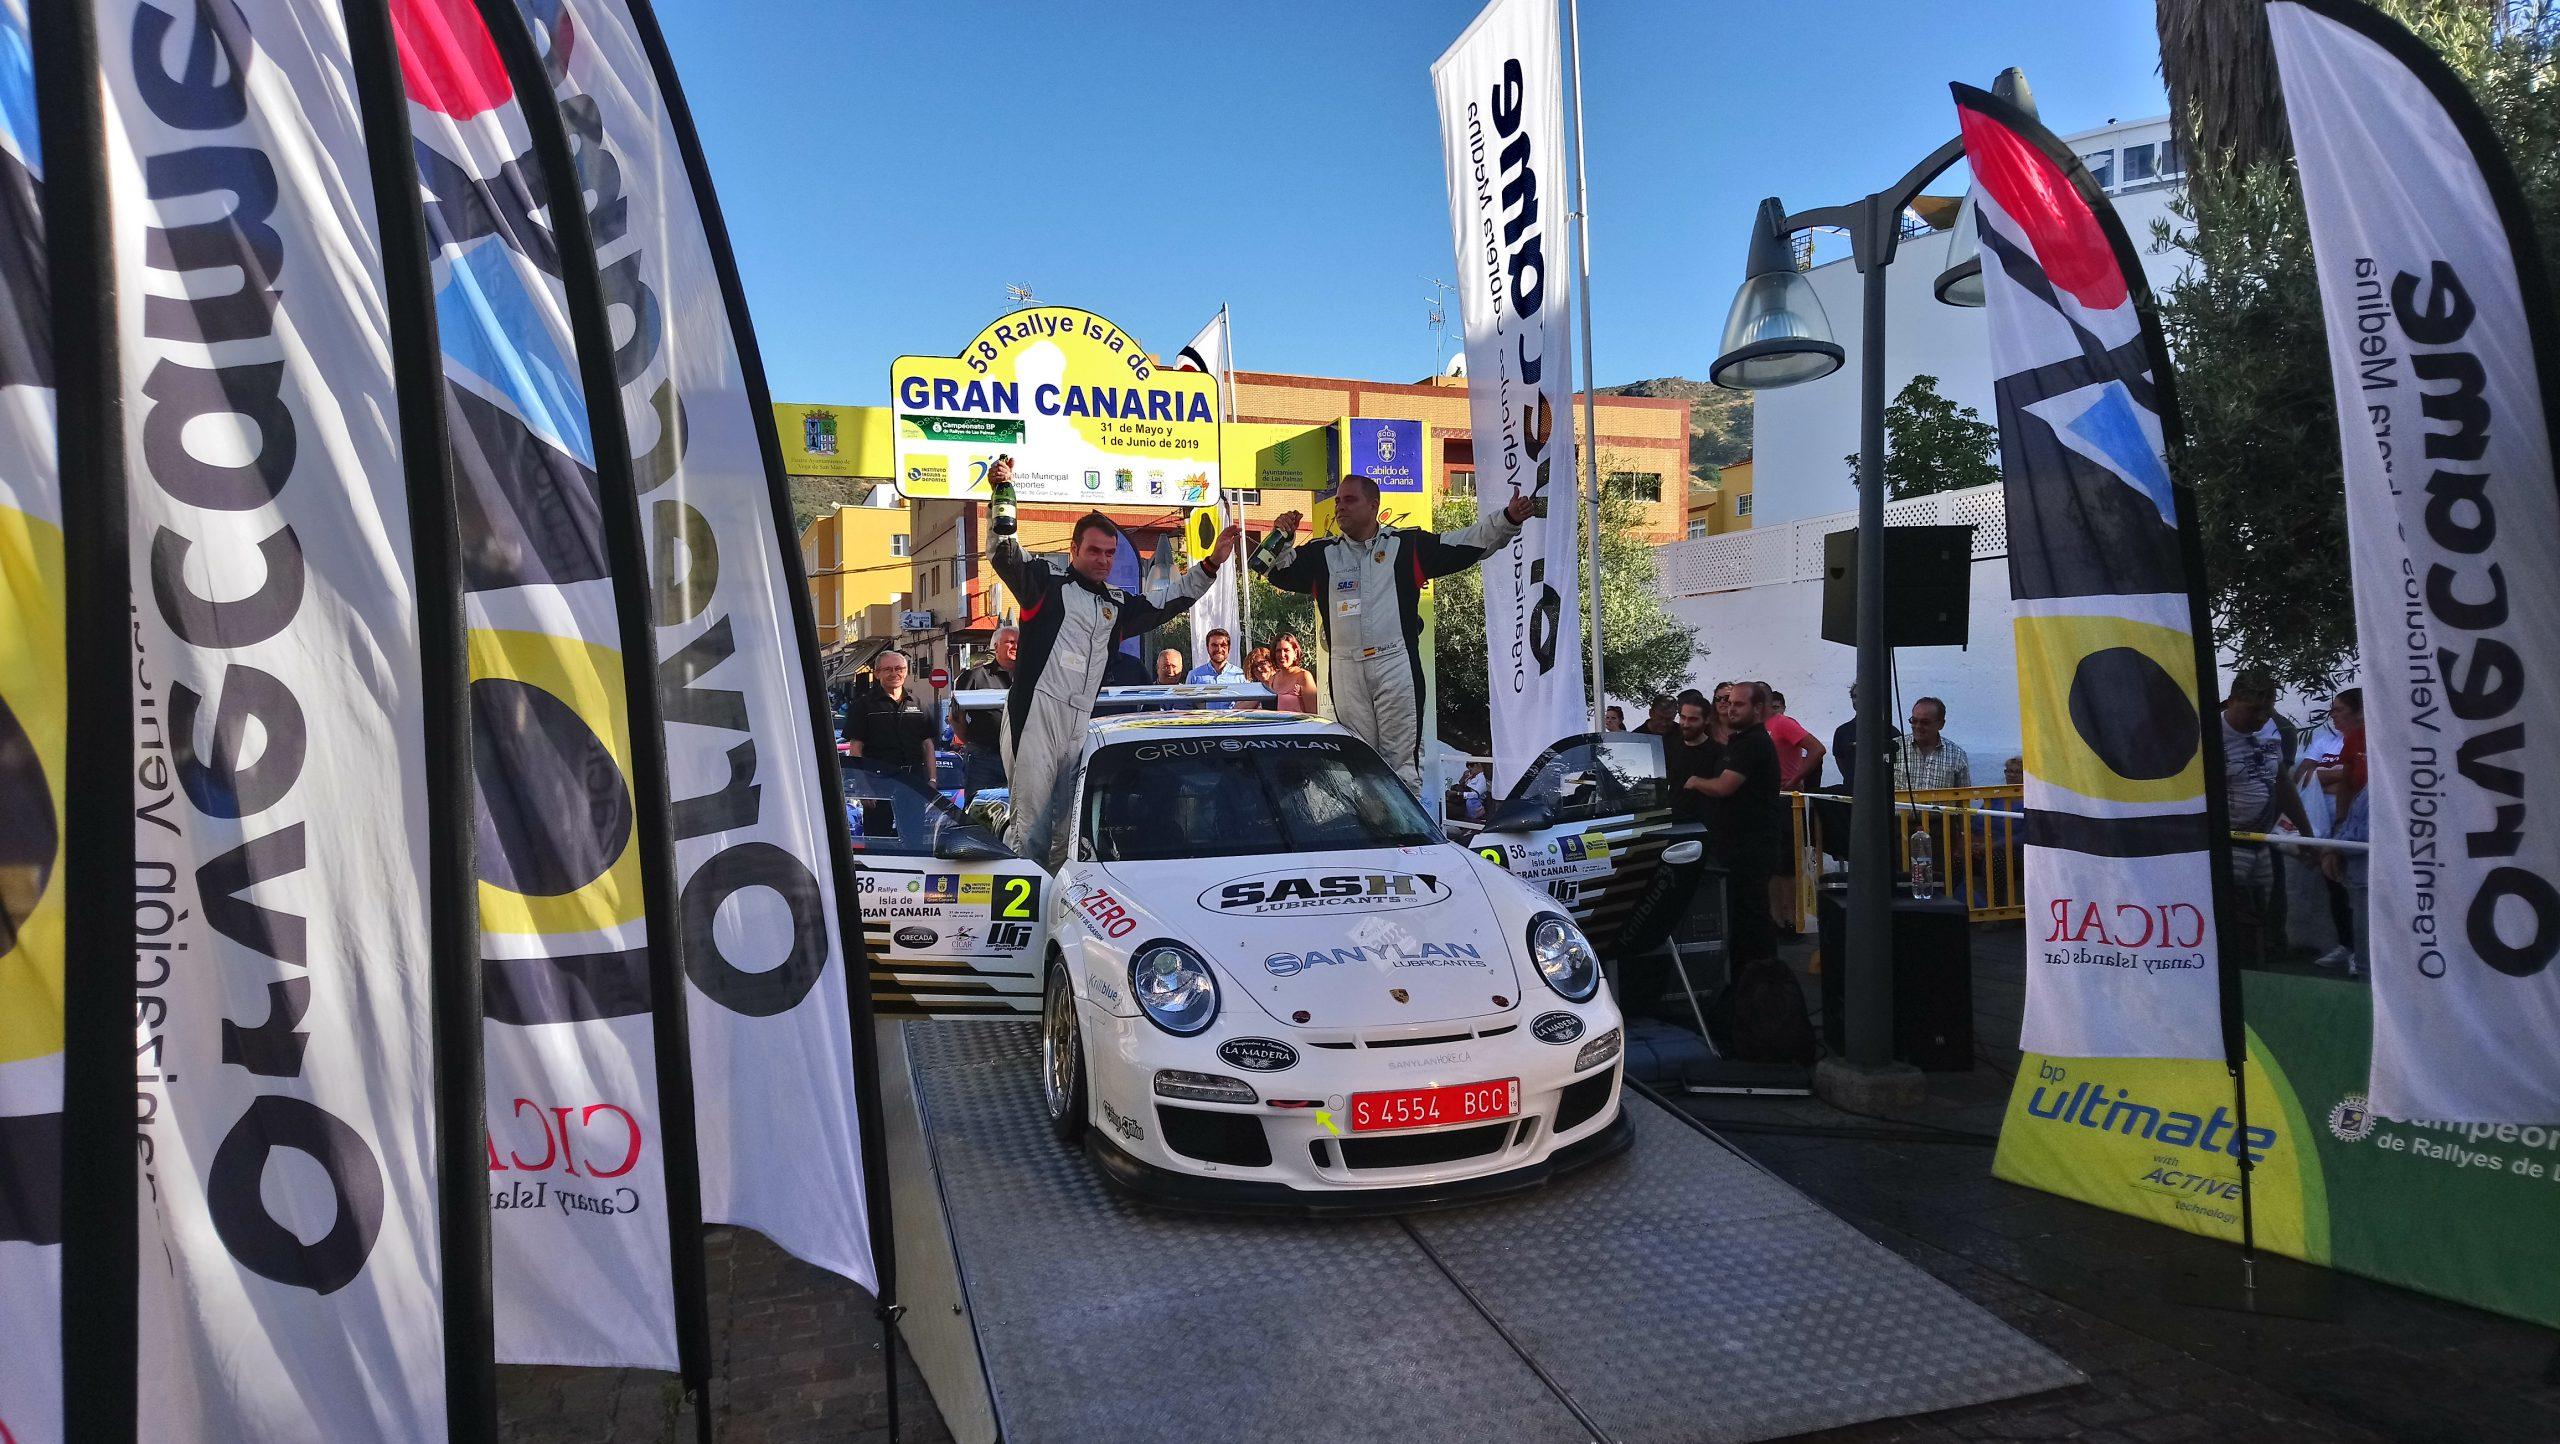 📢 Iván Armas-Fran Vega firman una excelente victoria con su nuevo 🚗 Porsche en el 🏁Rally Isla de Gran Canaria